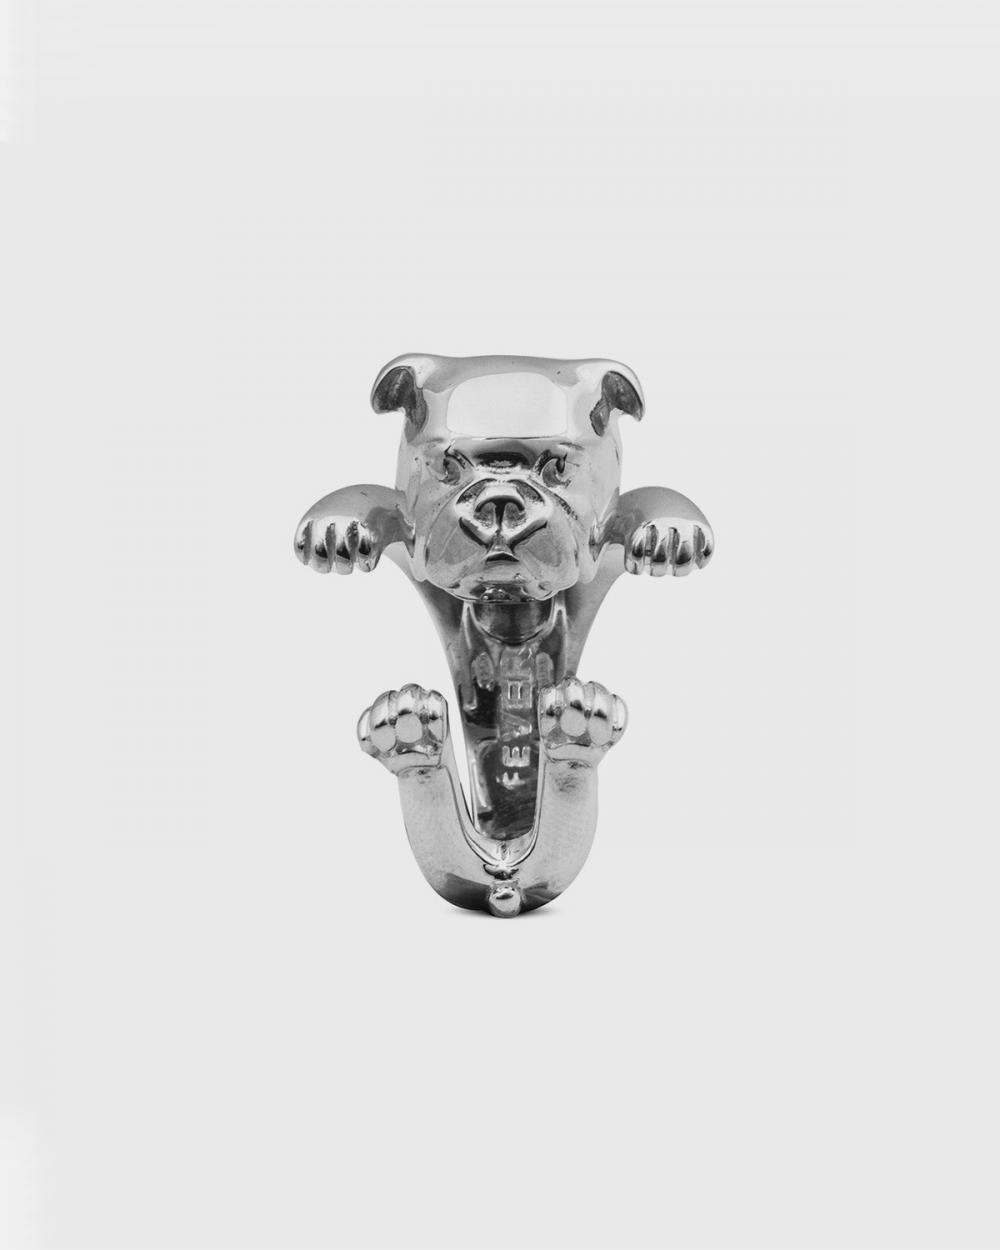 anello hug bulldog inglese argento lucido